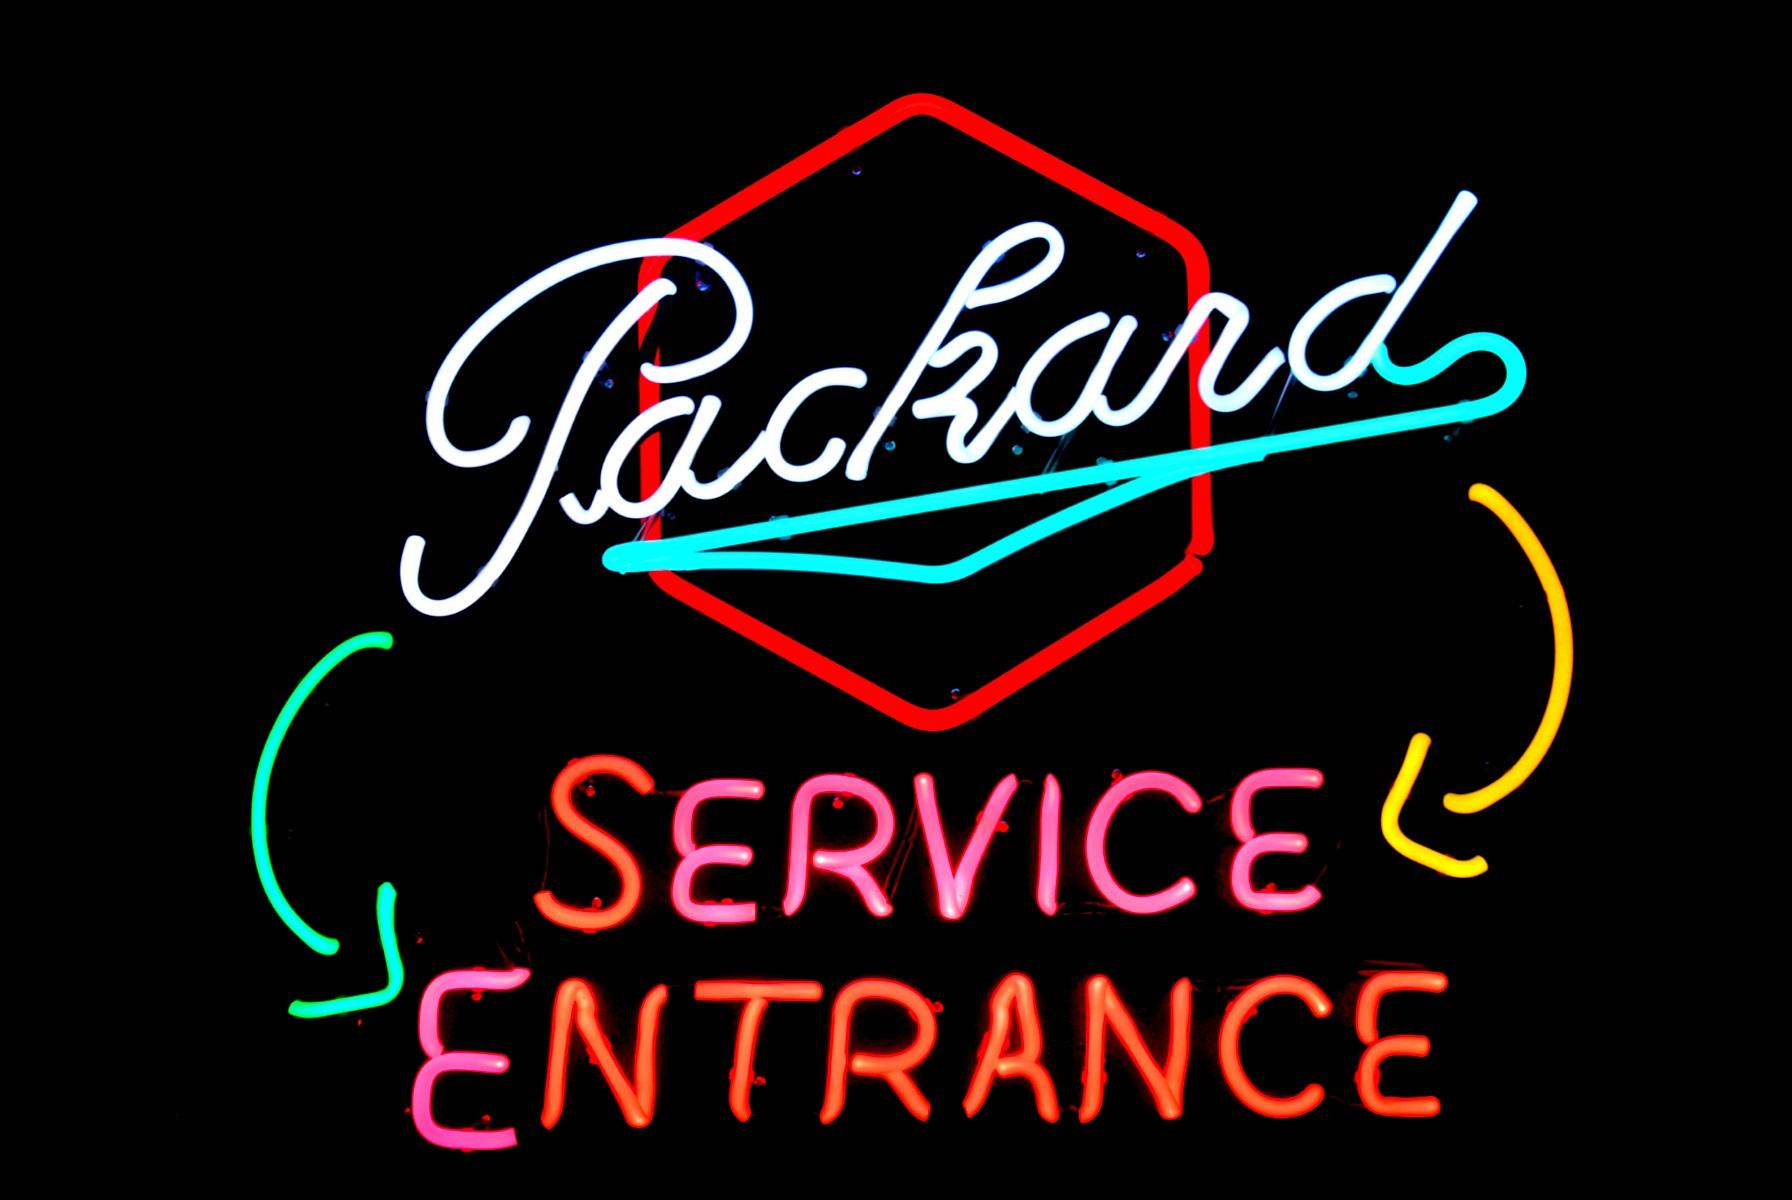 PACKARD DEALERSHIP NEON SIGNS by John Barton - former Packard New Car Dealer - BartonNeonMagic.com